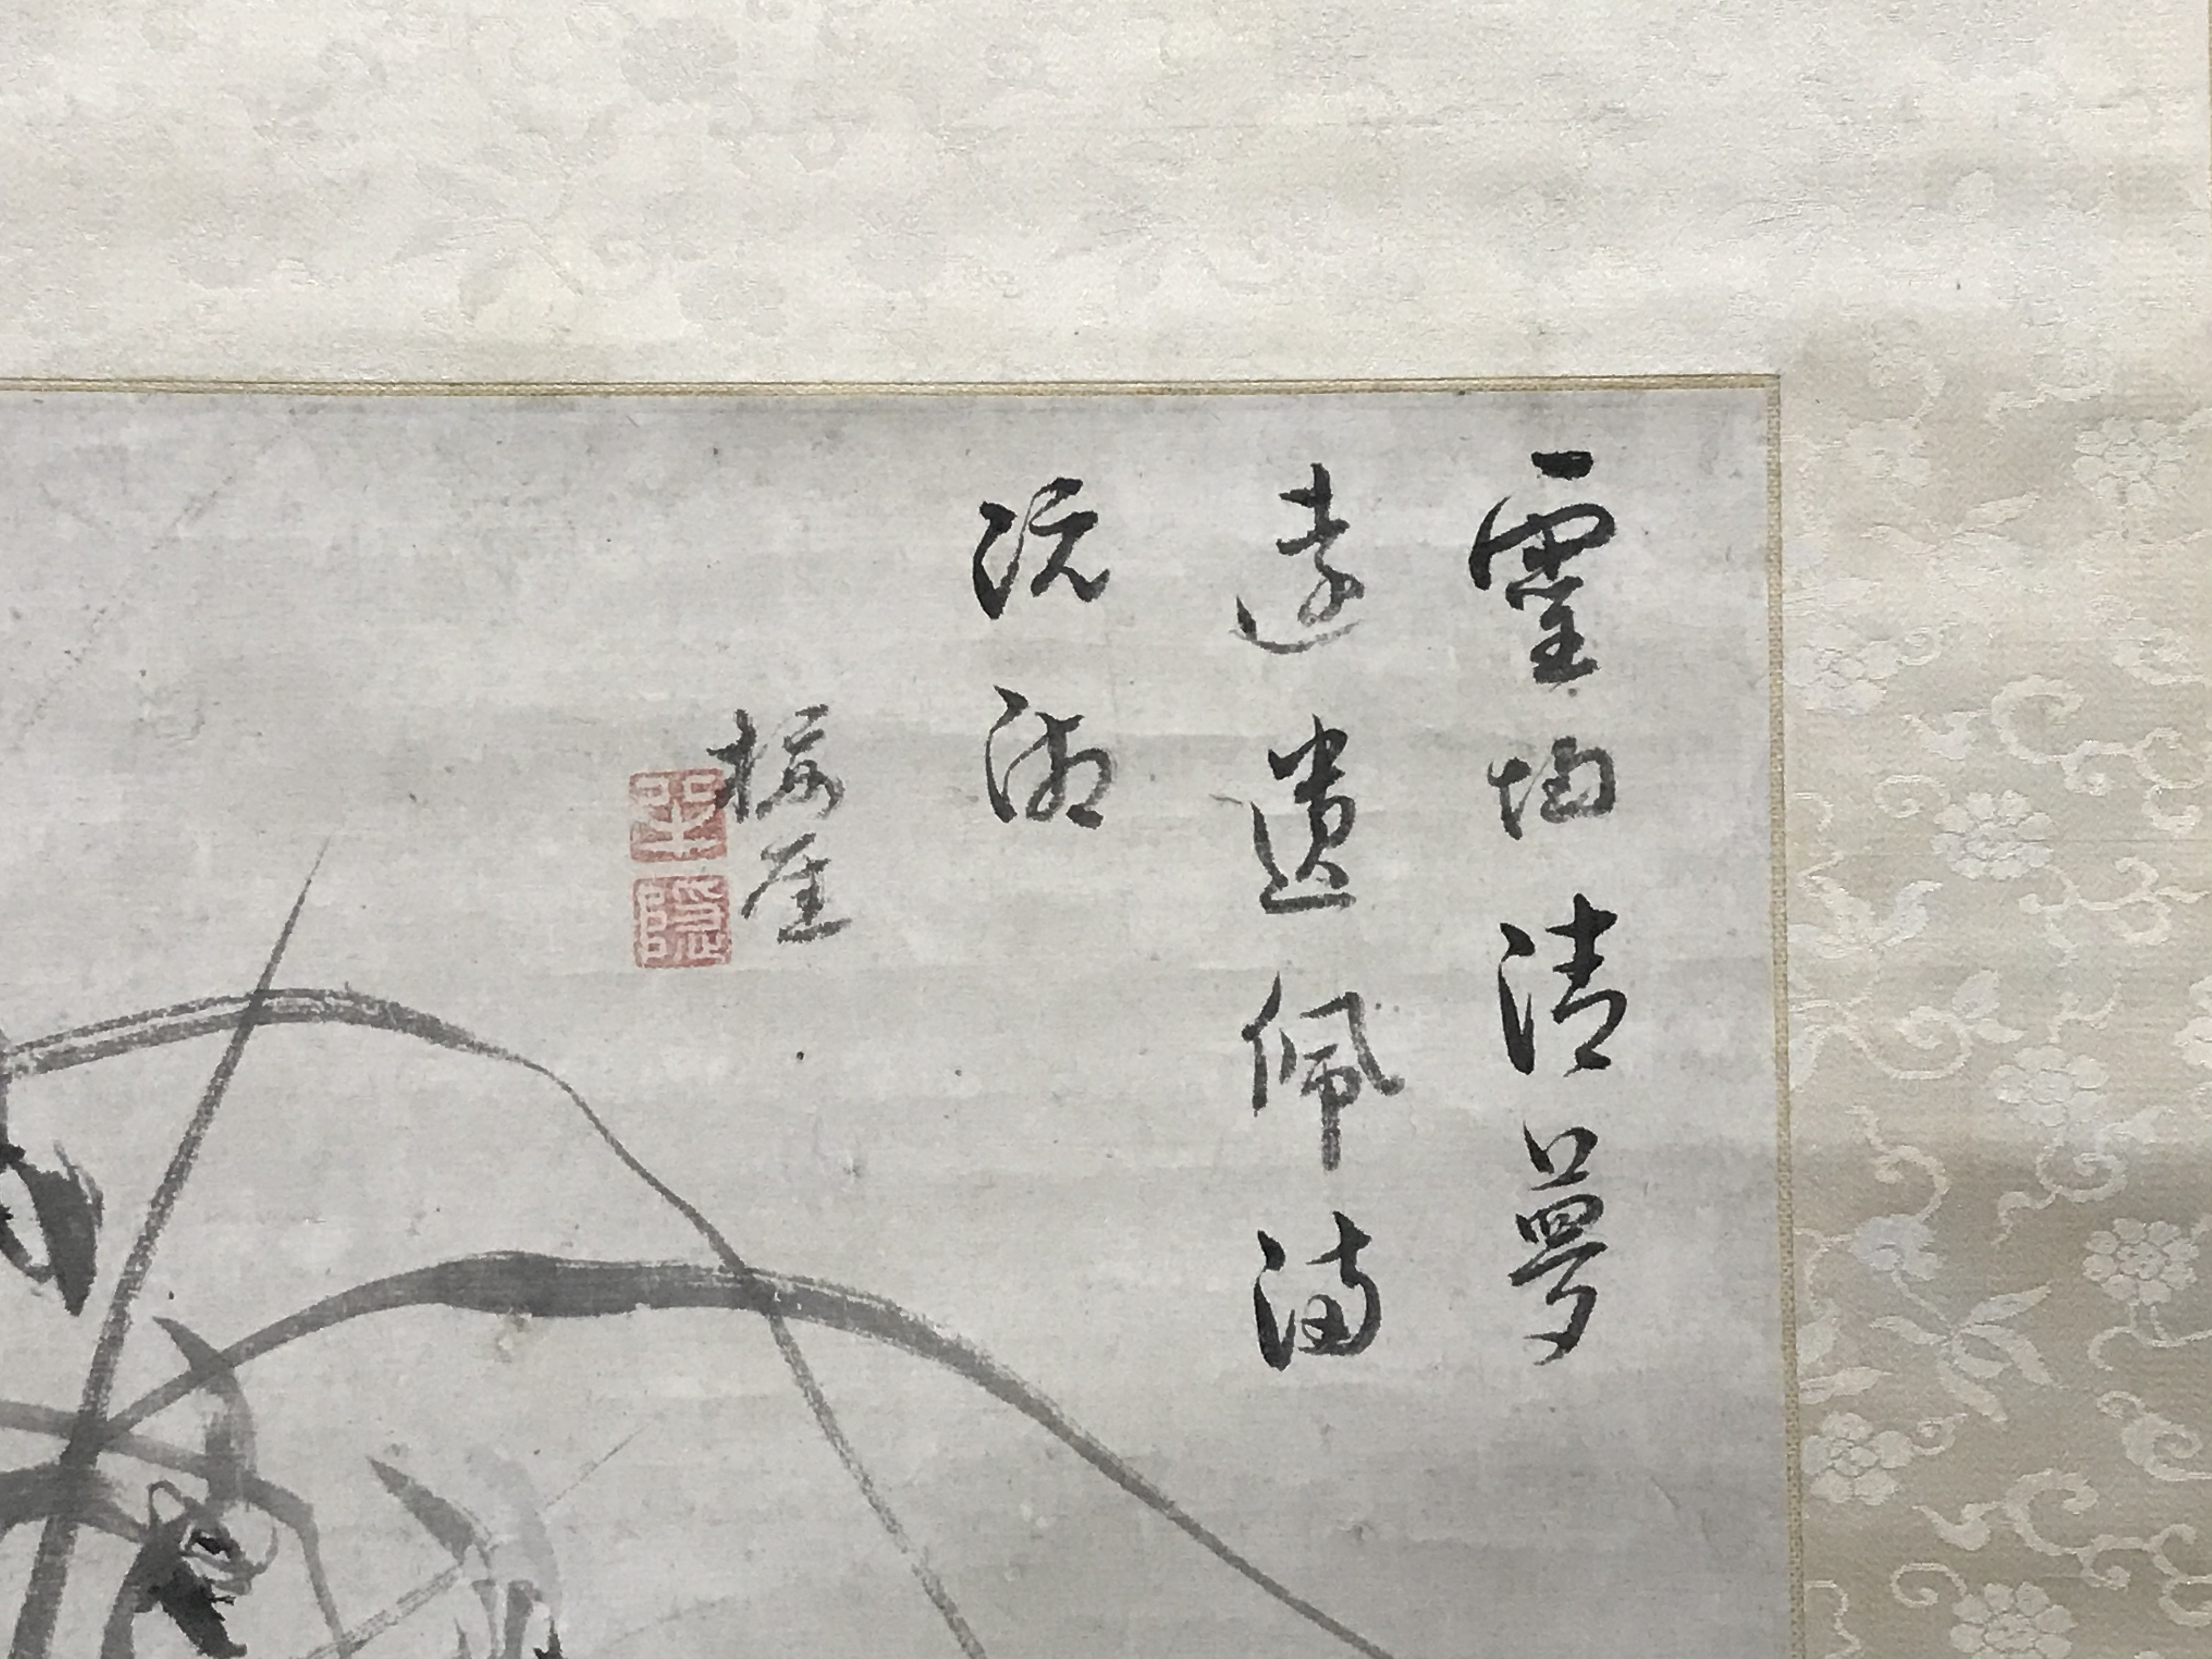 十時梅厓筆 墨蘭図